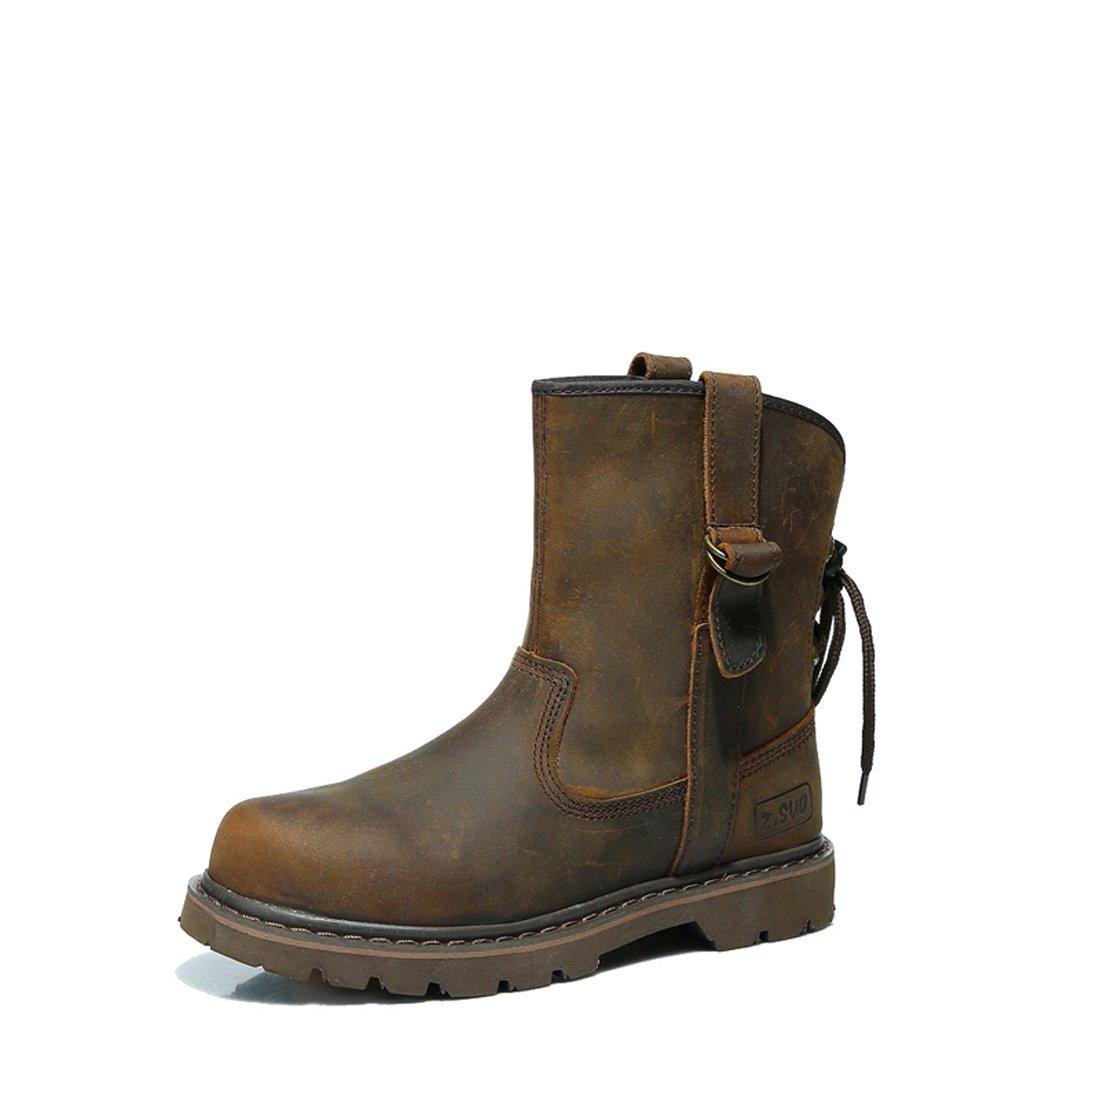 Z.SUO Herren Damen Liebhaber Unisex - Erwachsene Leder Zwei Wear Stiefel Stiefel